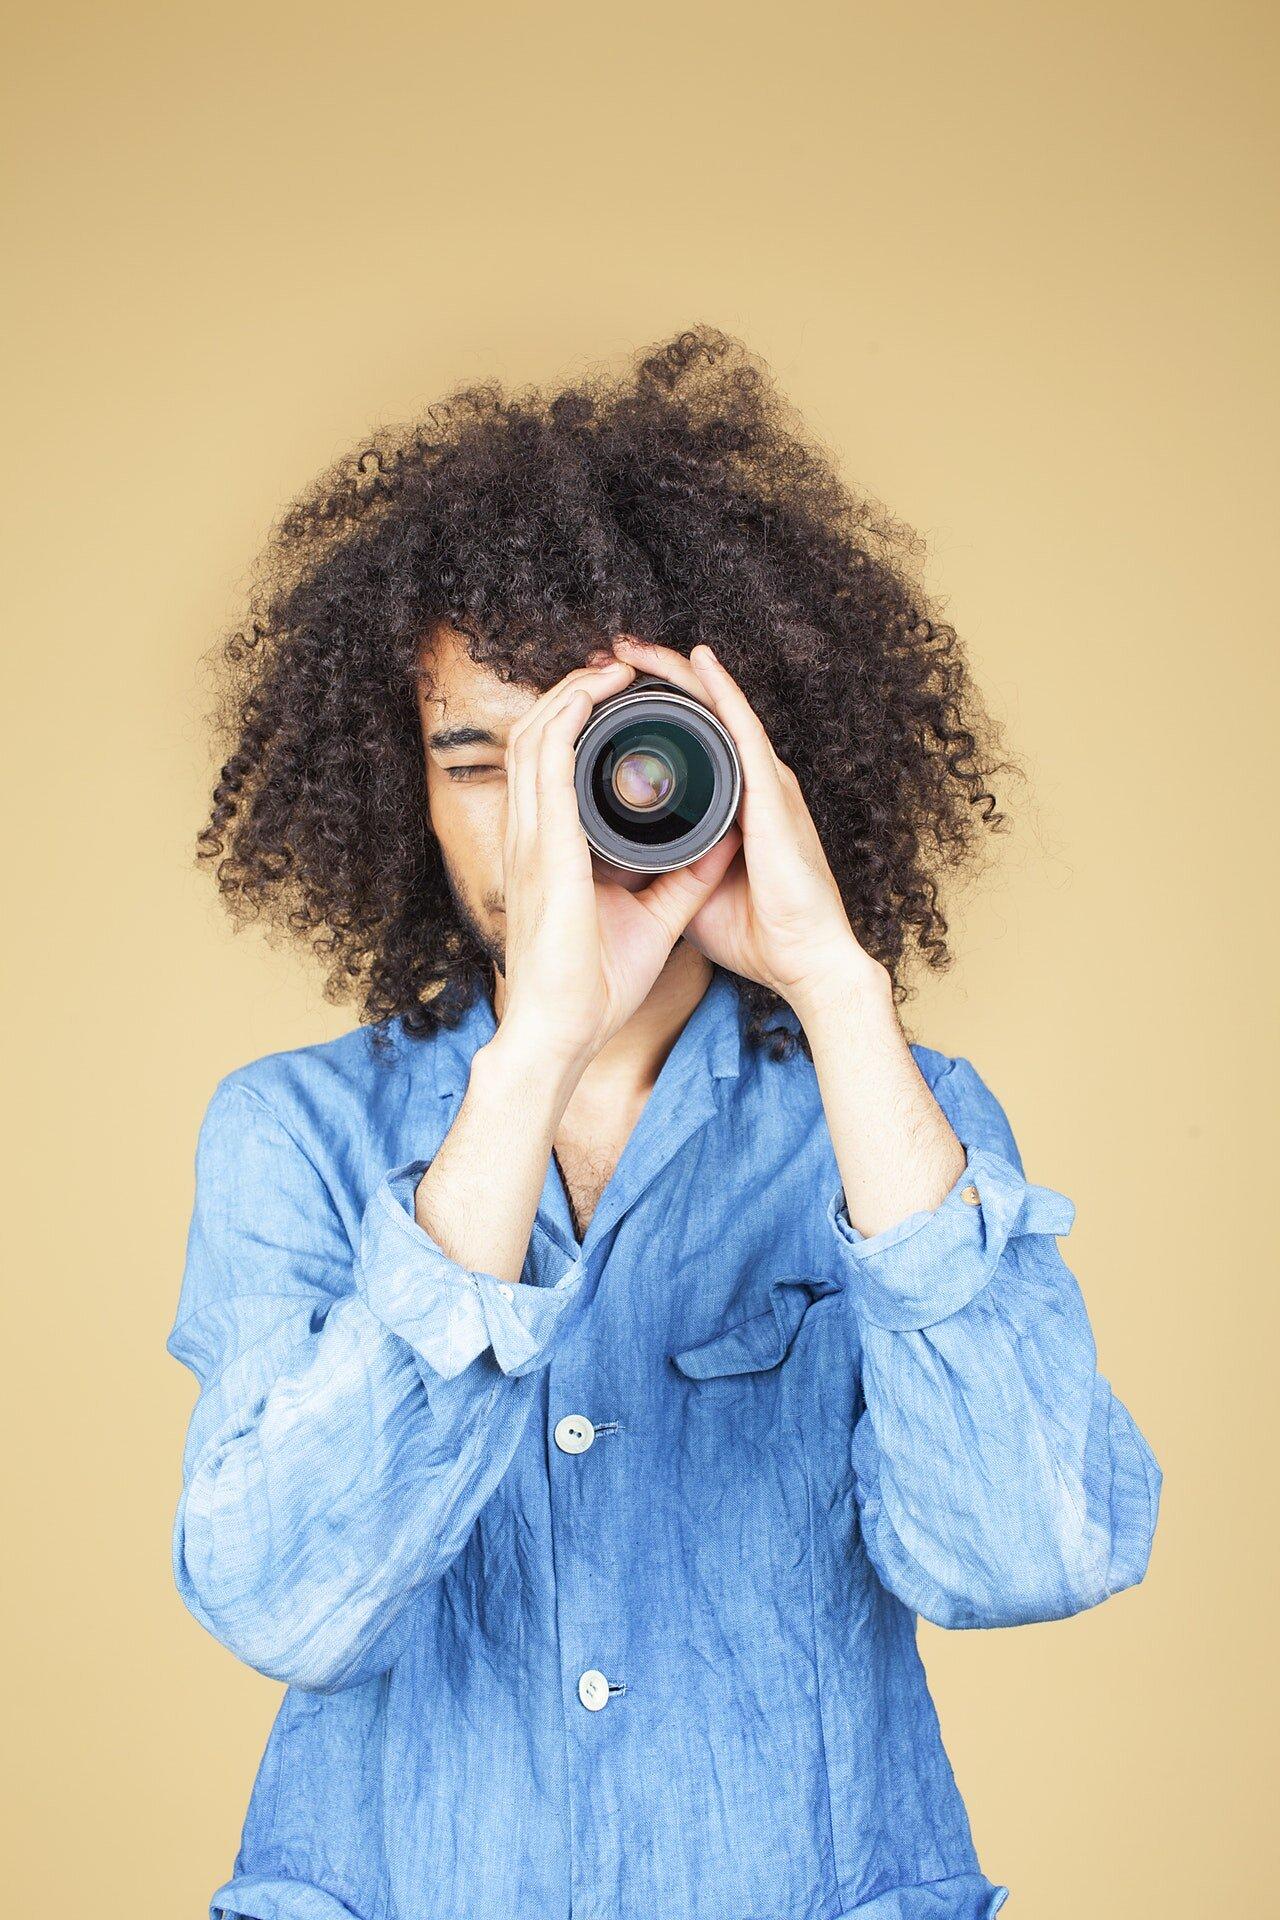 casual-curly-hair-denim-1587036.jpg